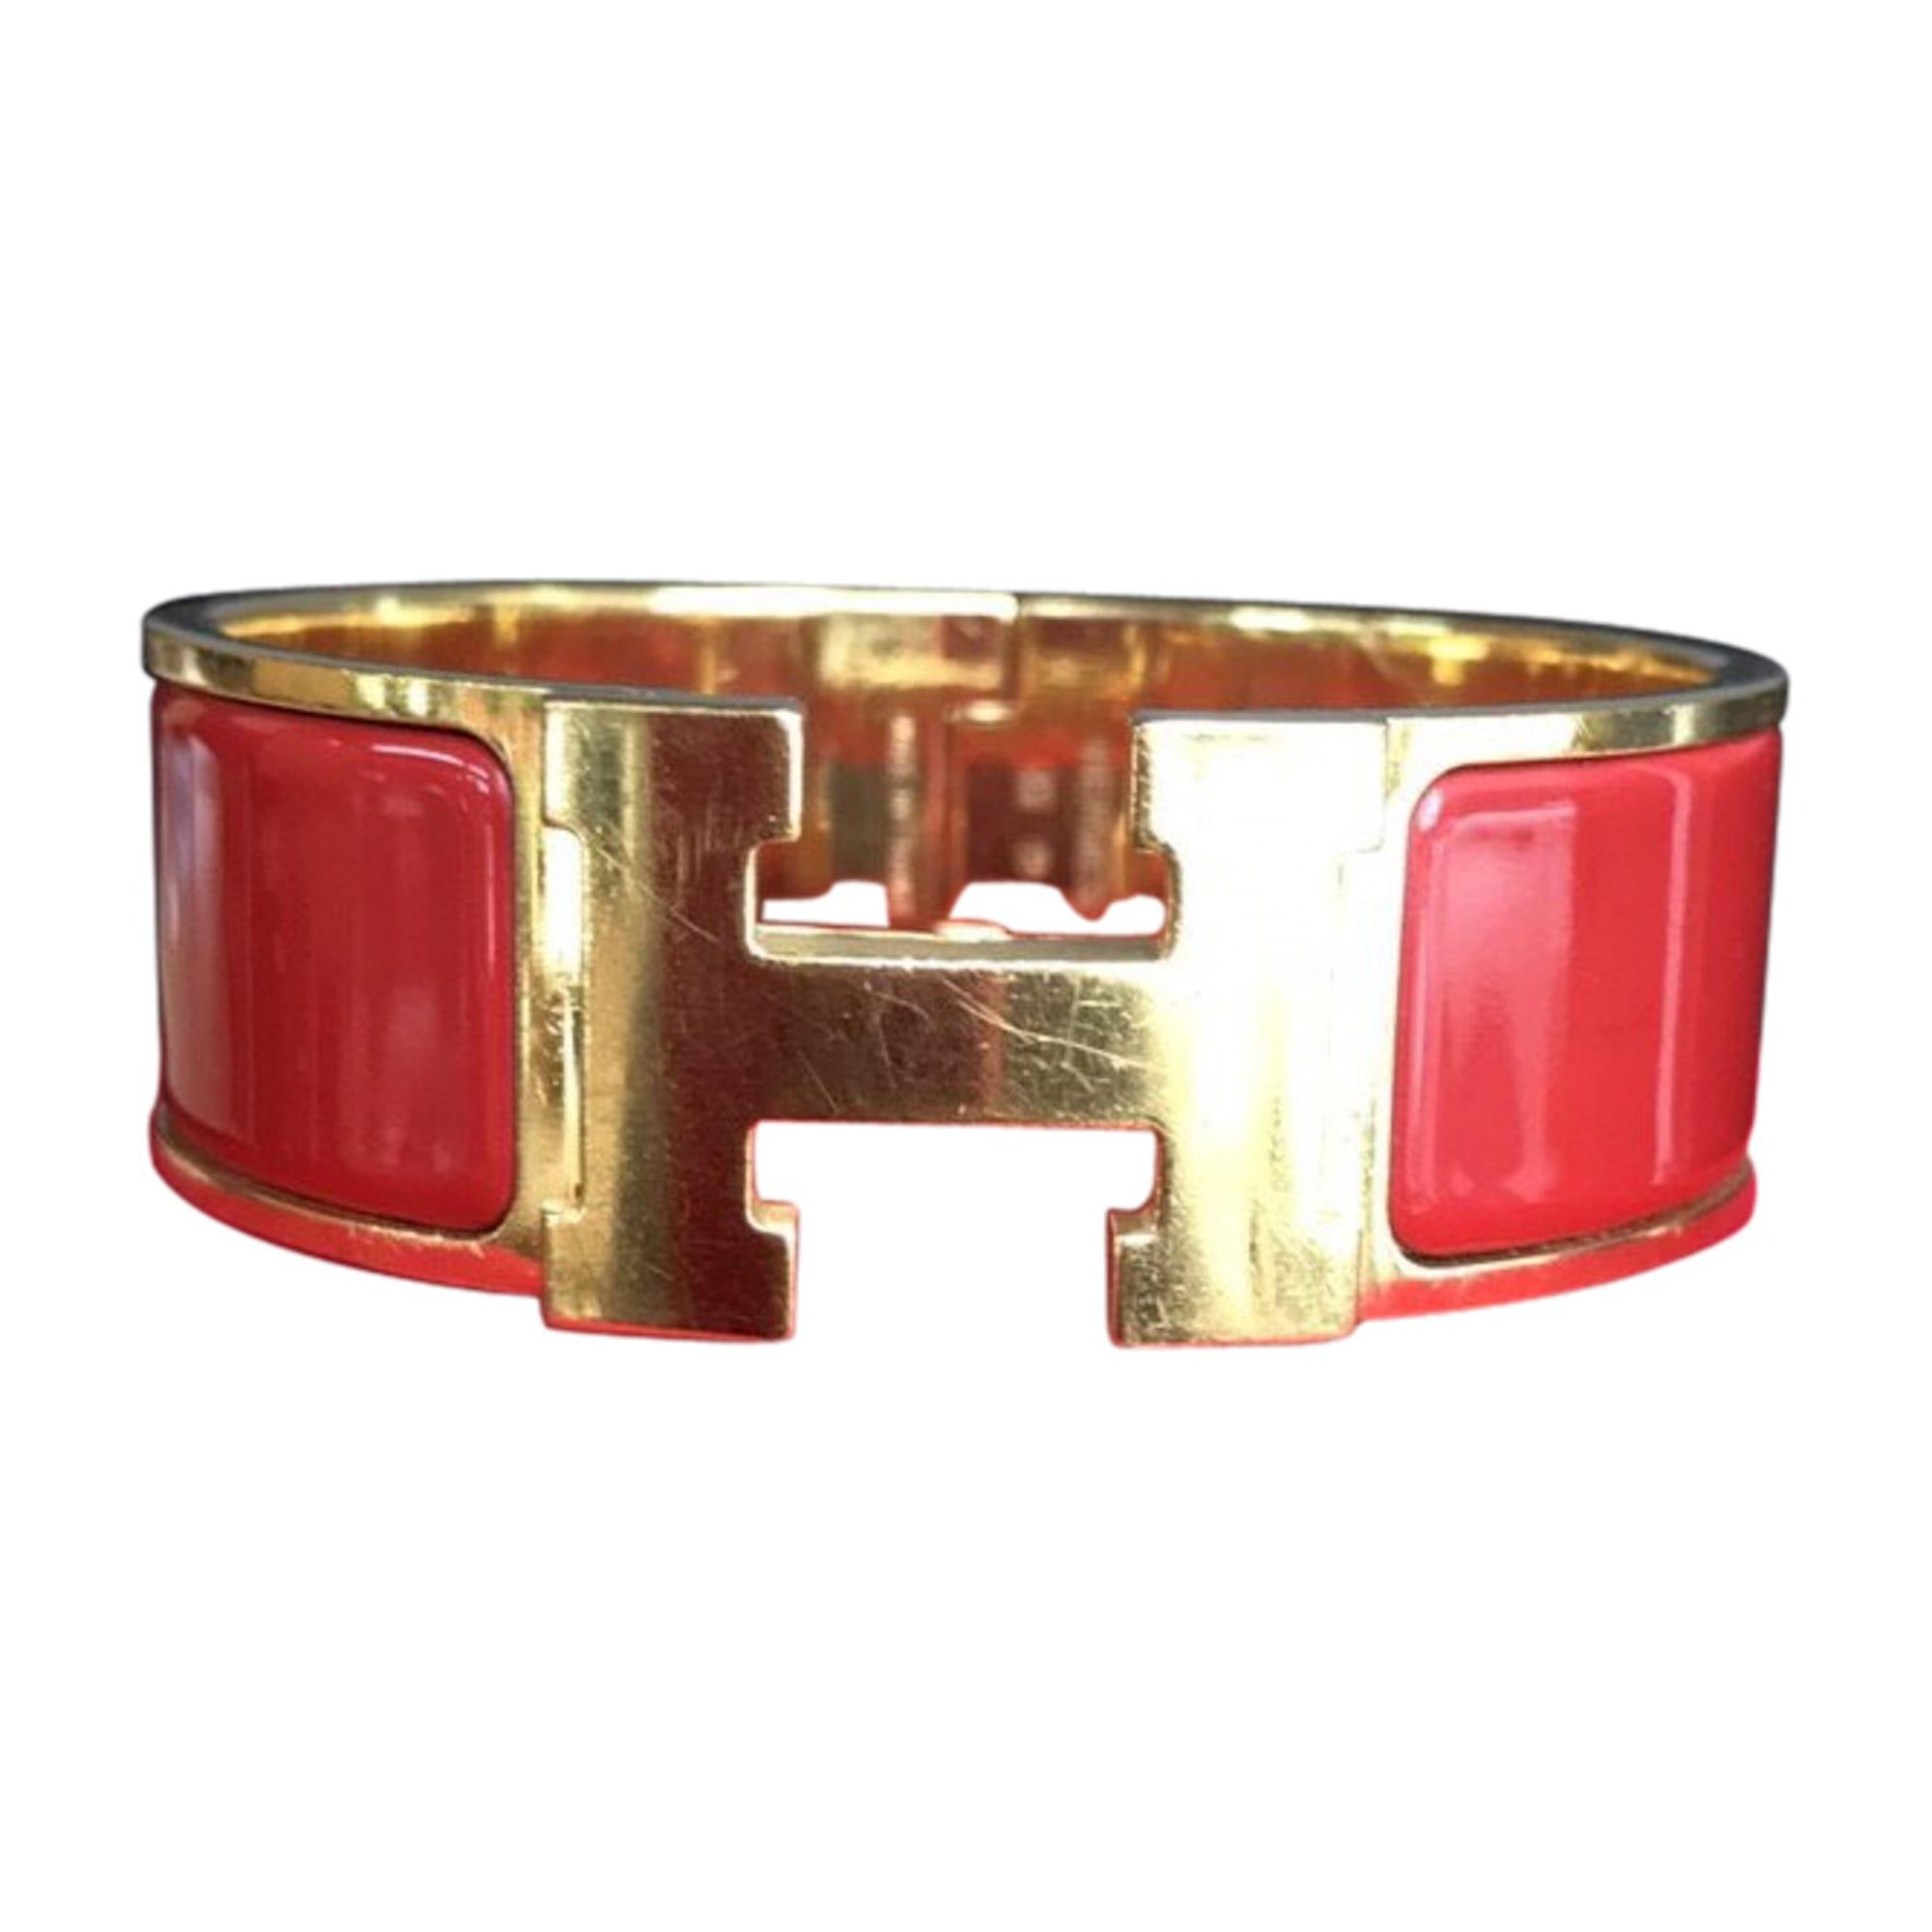 ... wholesale bracelet hermÈs clic h rouge bordeaux 05b04 8c63a bfedc8dc6bc